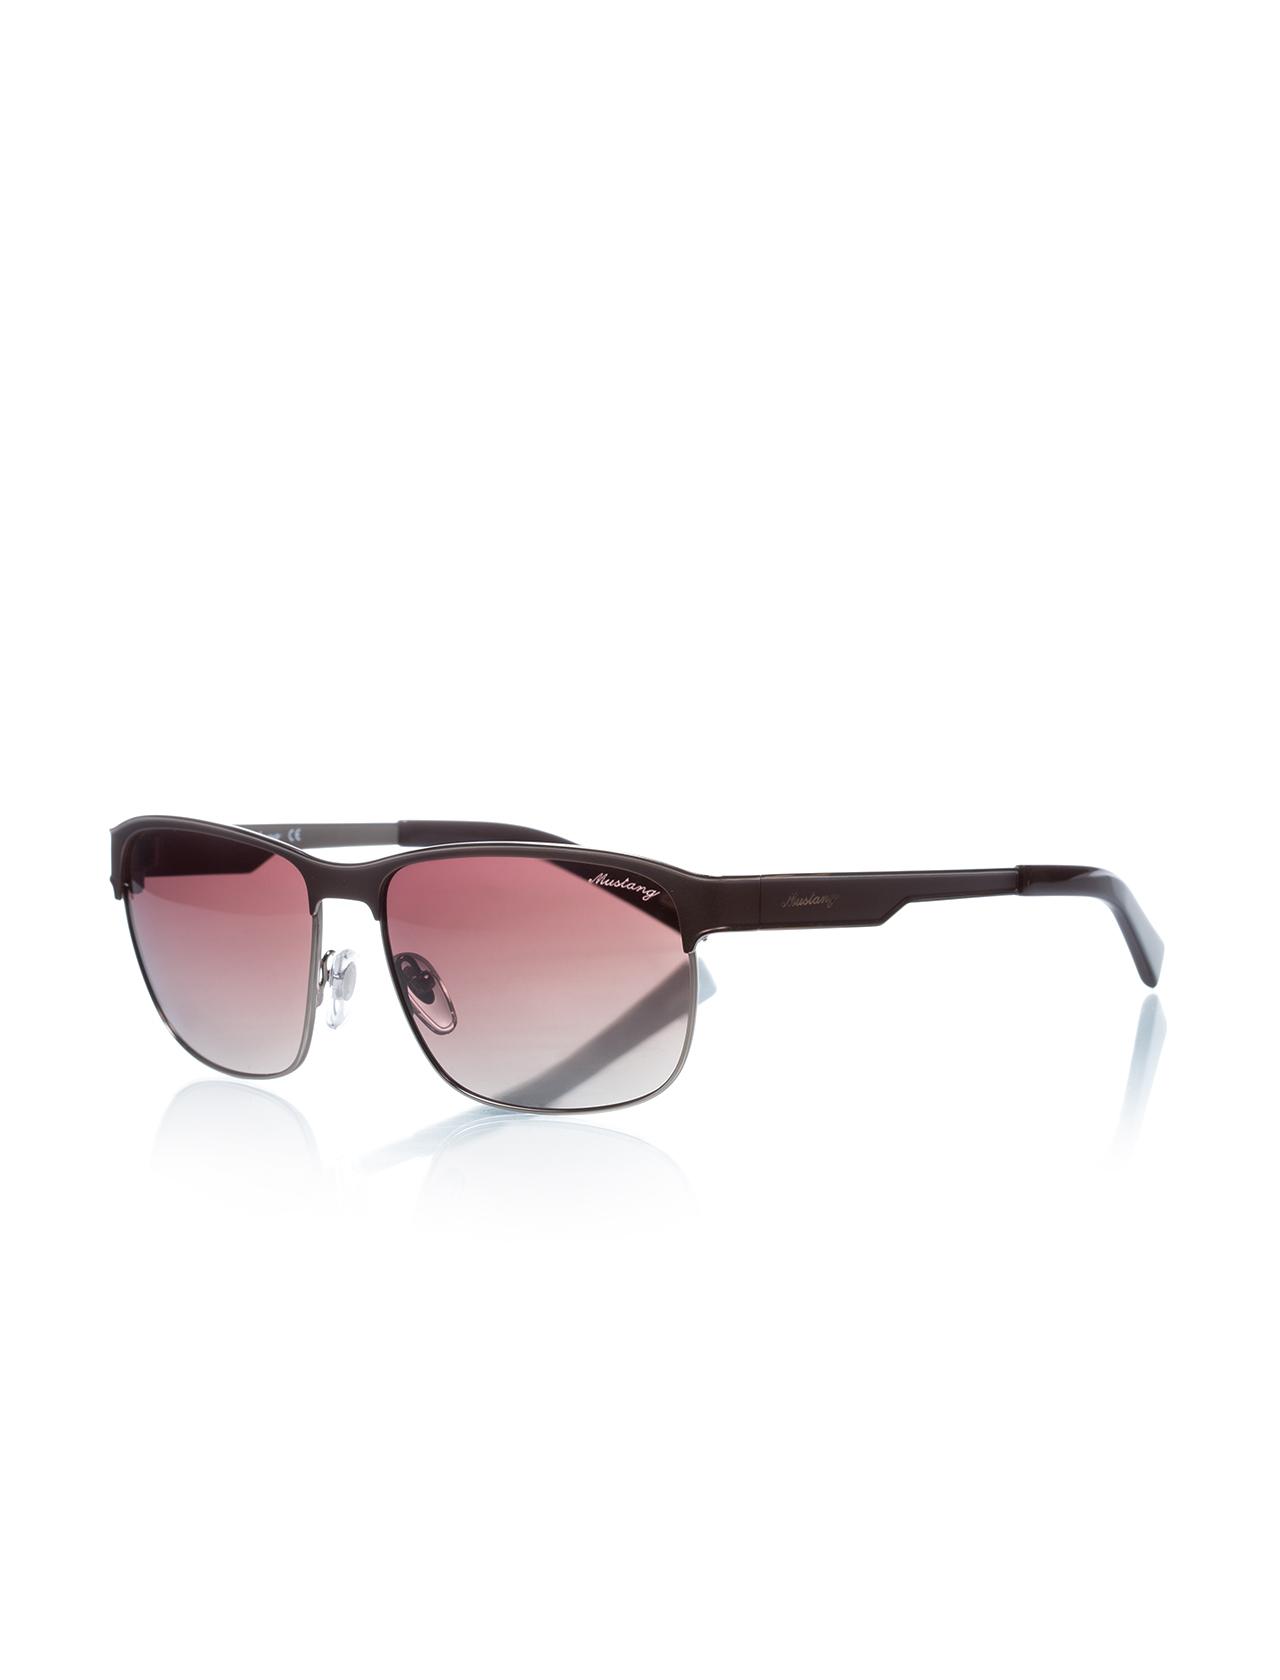 Unisex New Design Sunglasses